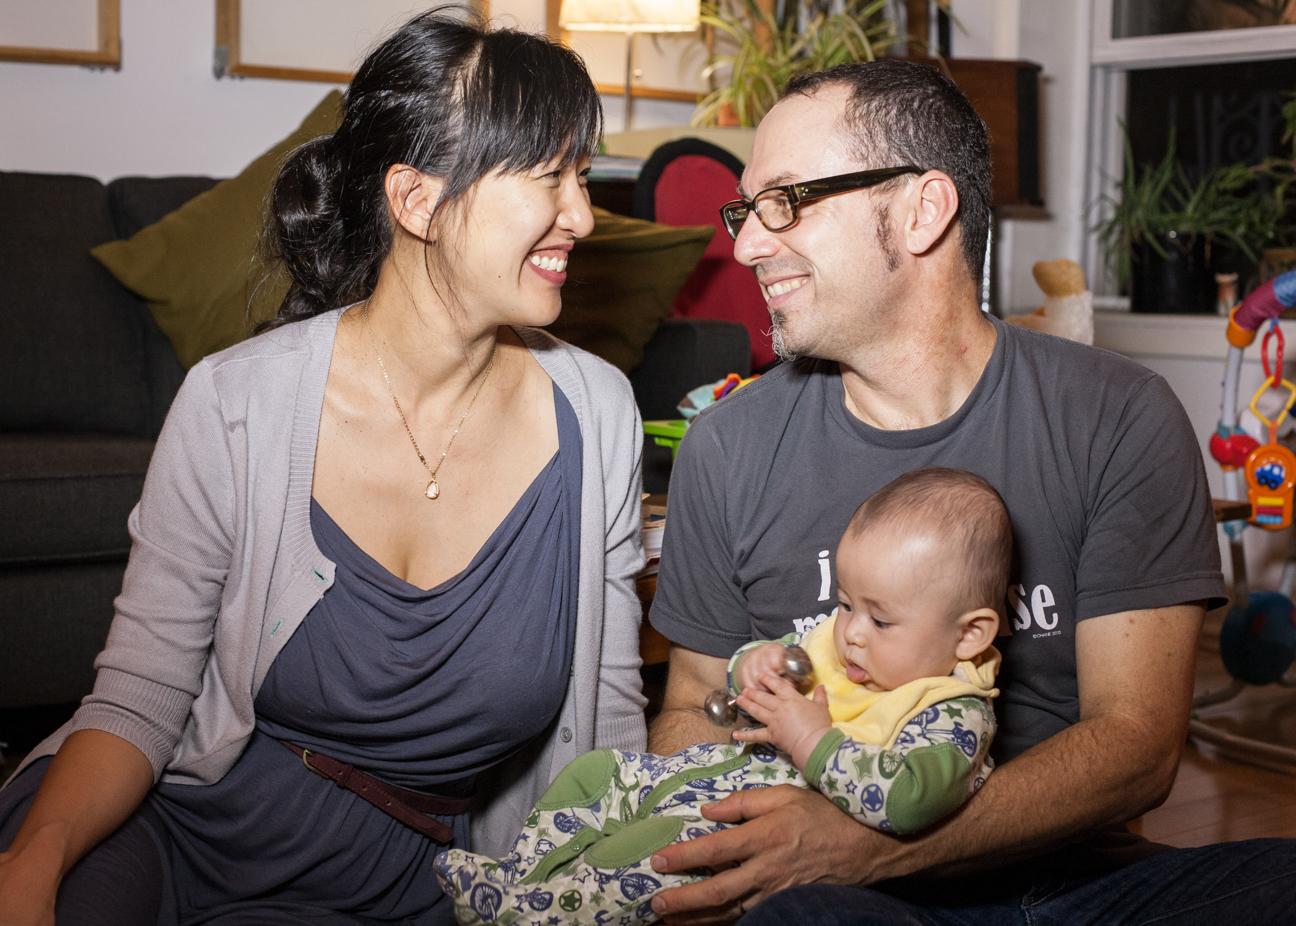 L'amore nasce sul web: ecco le foto delle coppie 2.0